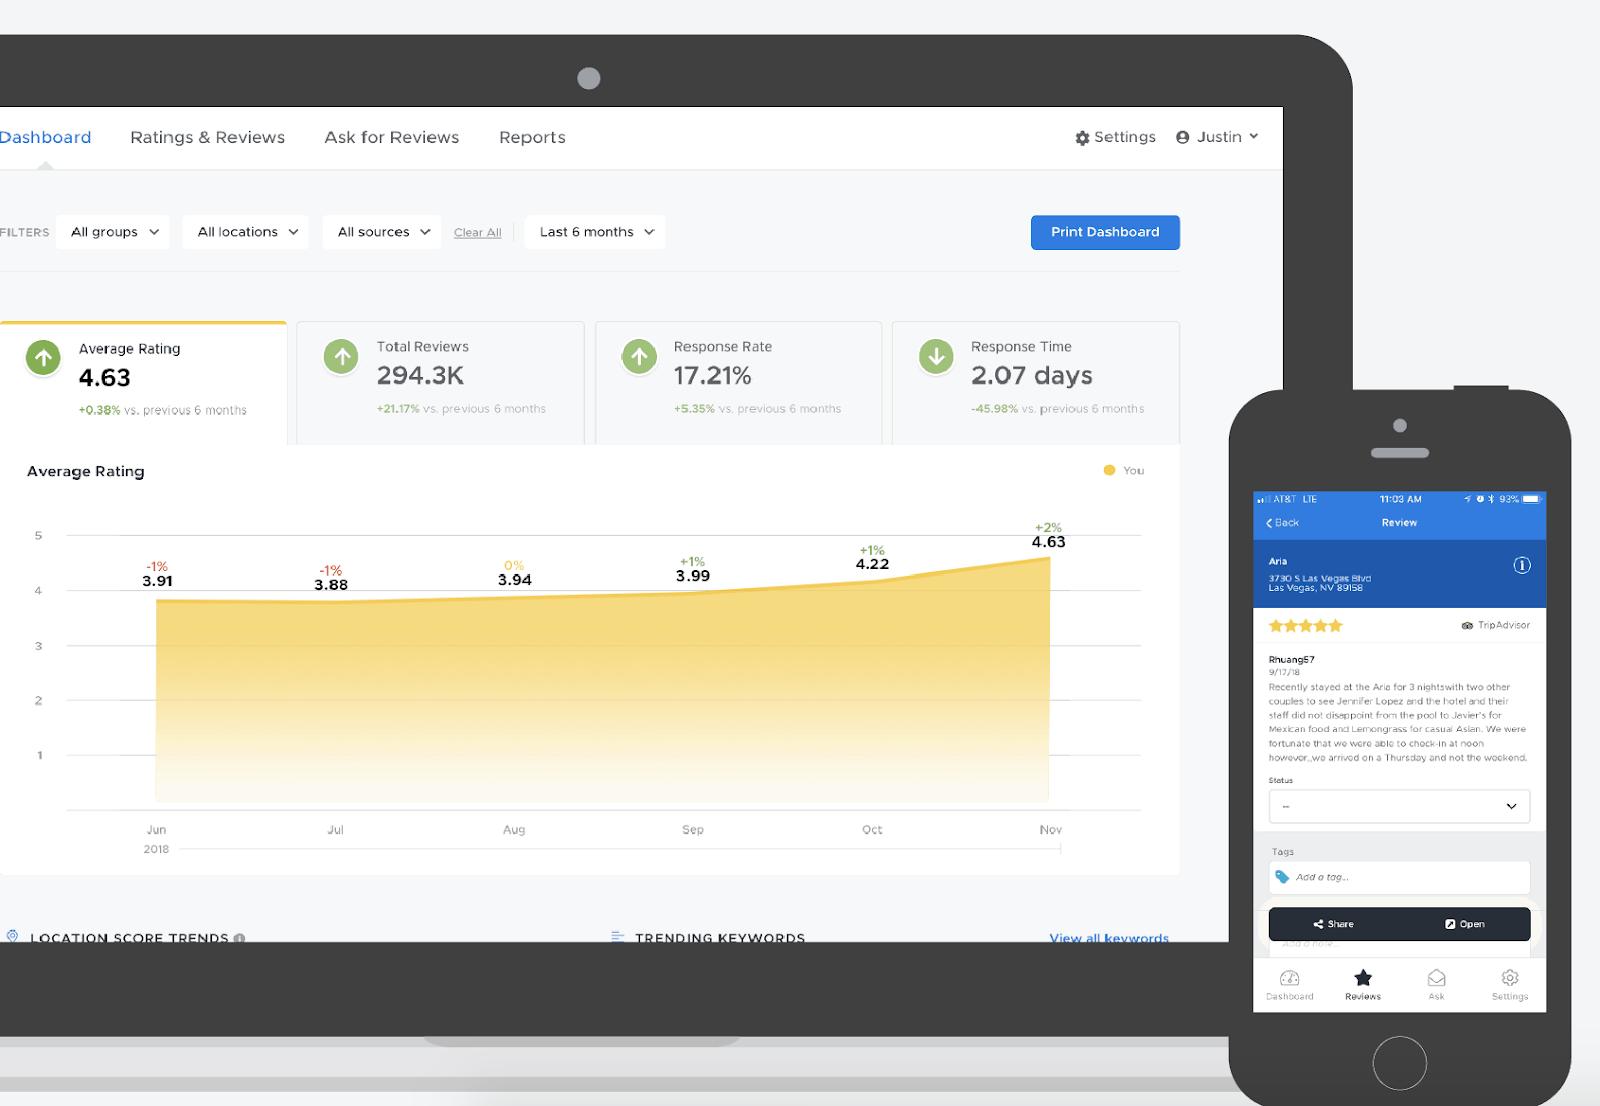 exemple d'écran d'évaluation moyenne des entreprises à partir des suivis d'avis